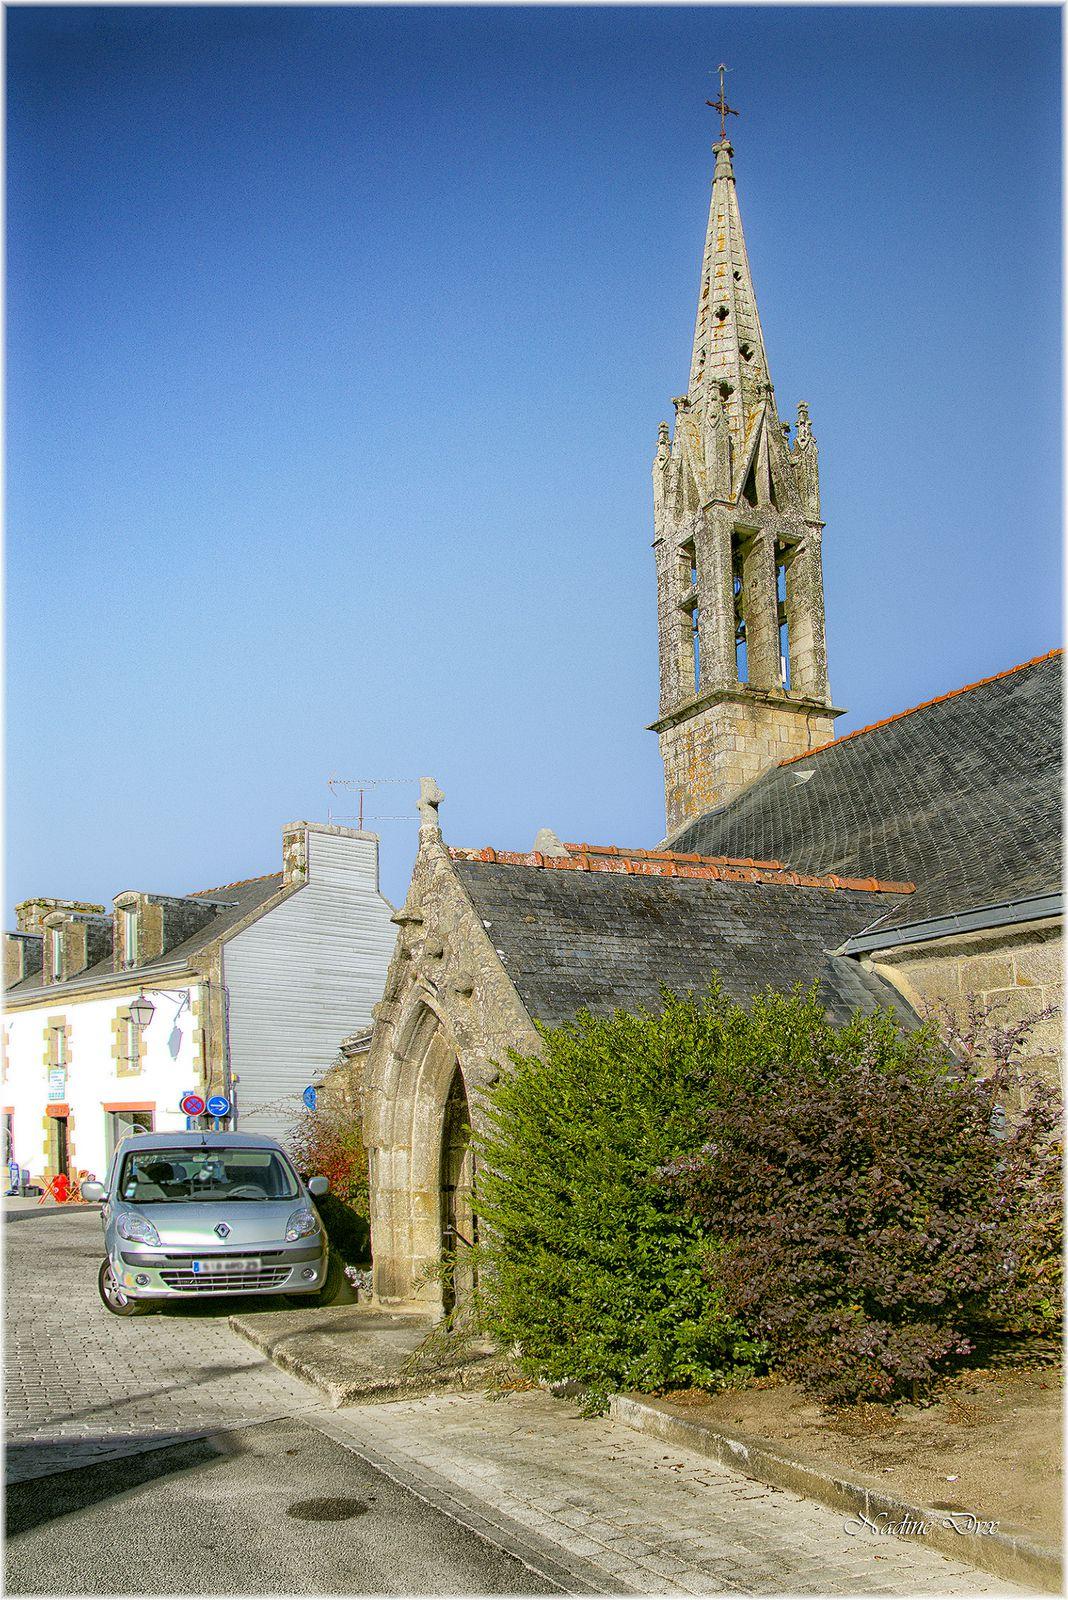 Eglise Saint-Tudy - Ile Tudy - Finistère